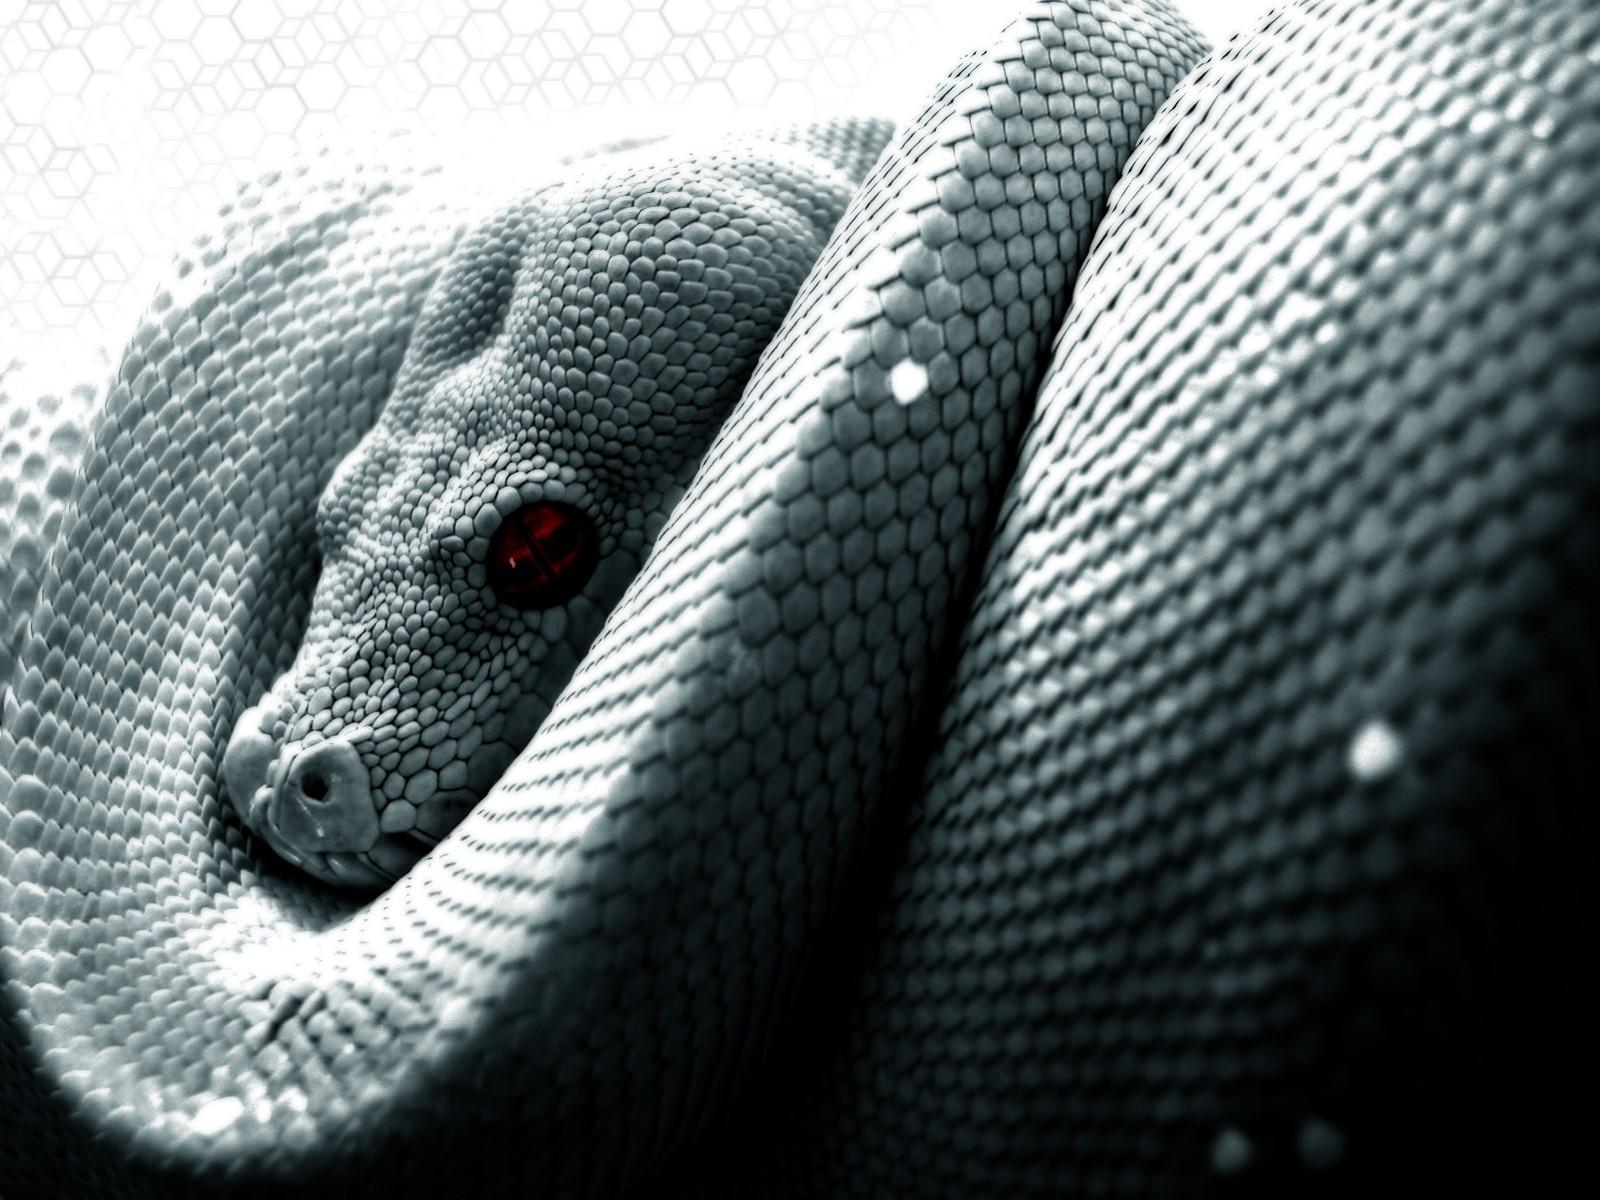 đen Đơn sắc con rắn Trăn quy mô Bò sát 1600x1200 px đen và trắng Nhiếp